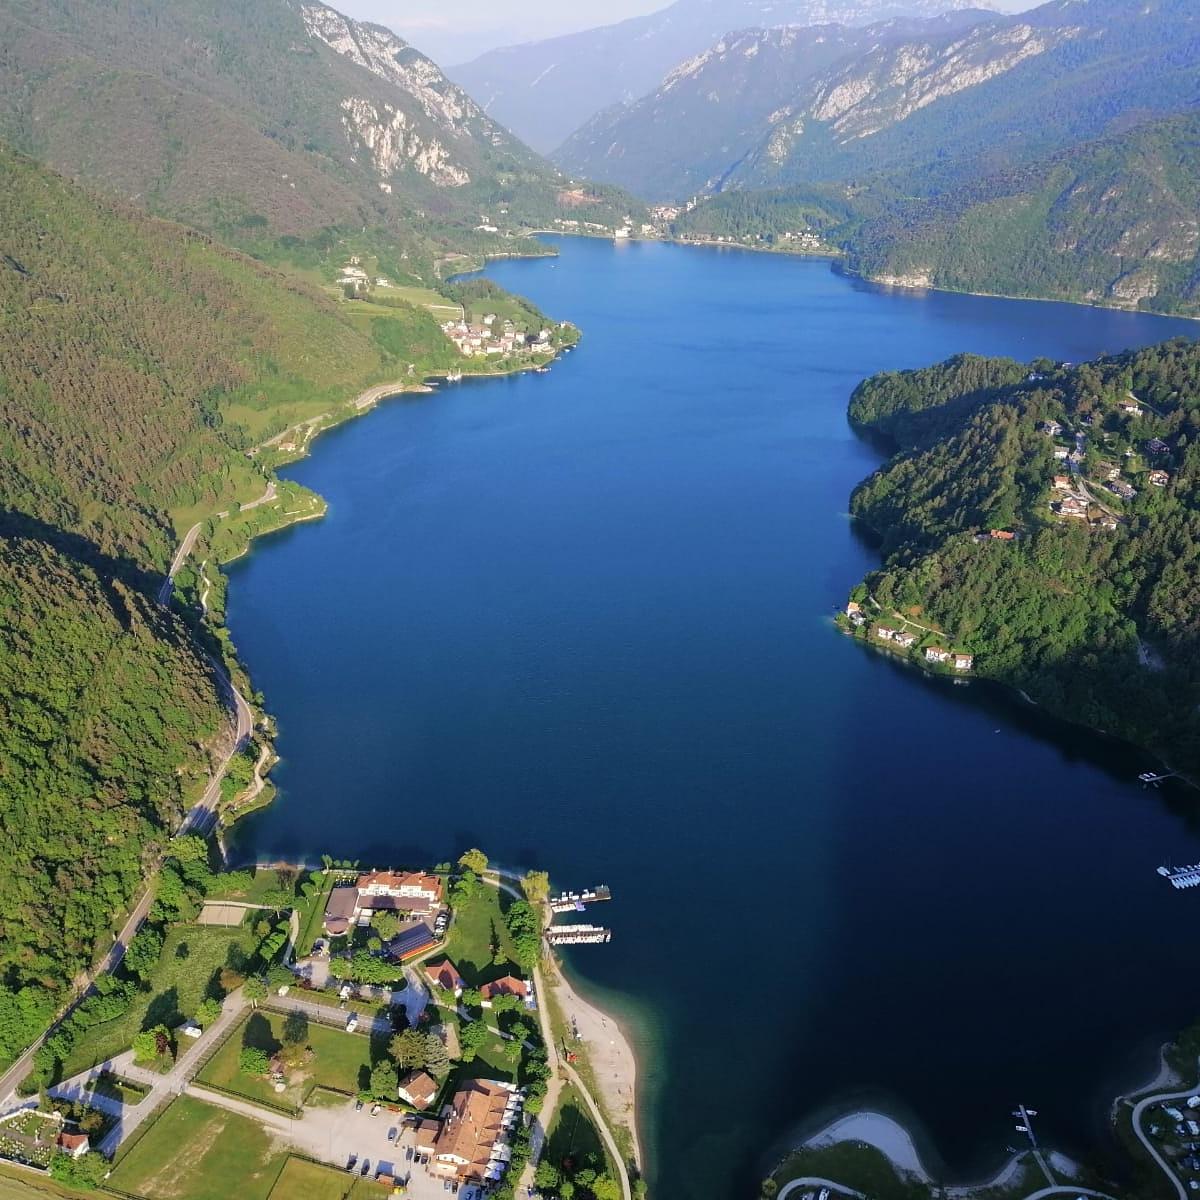 Il lago di Ledro dall'alto